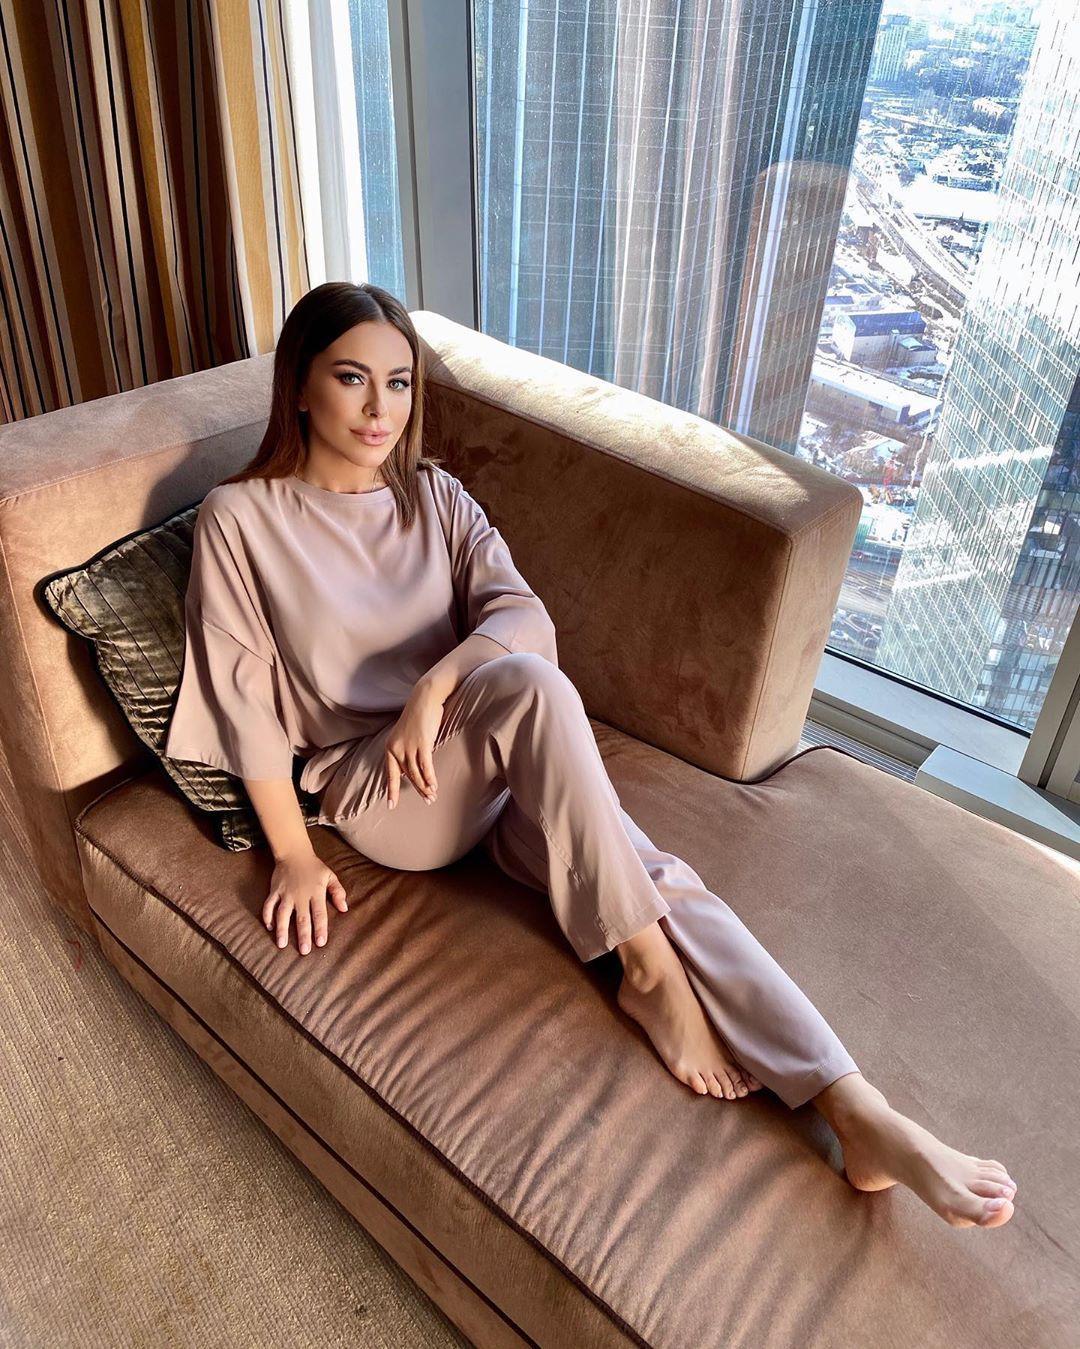 Співачка сфотографувалася в домашньому костюмі кавового кольору / Instagram Ані Лорак